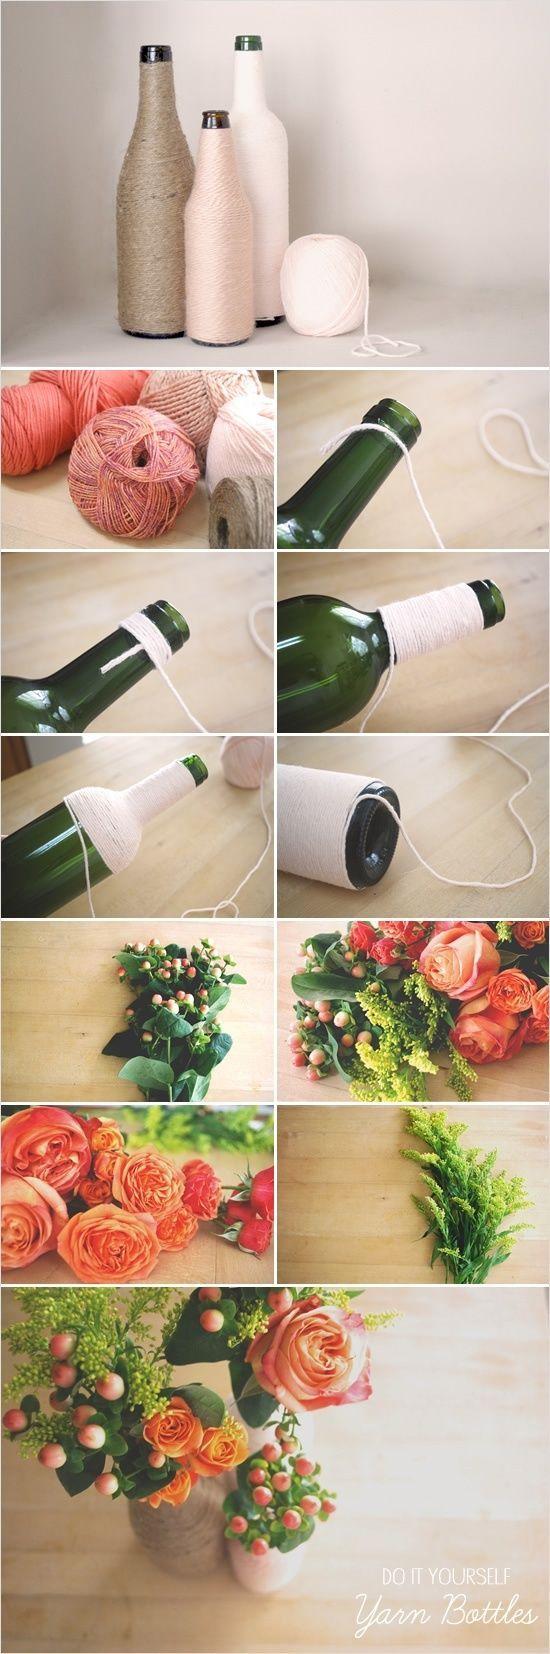 12 idées pour relooker vos bouteilles en verre en objets déco